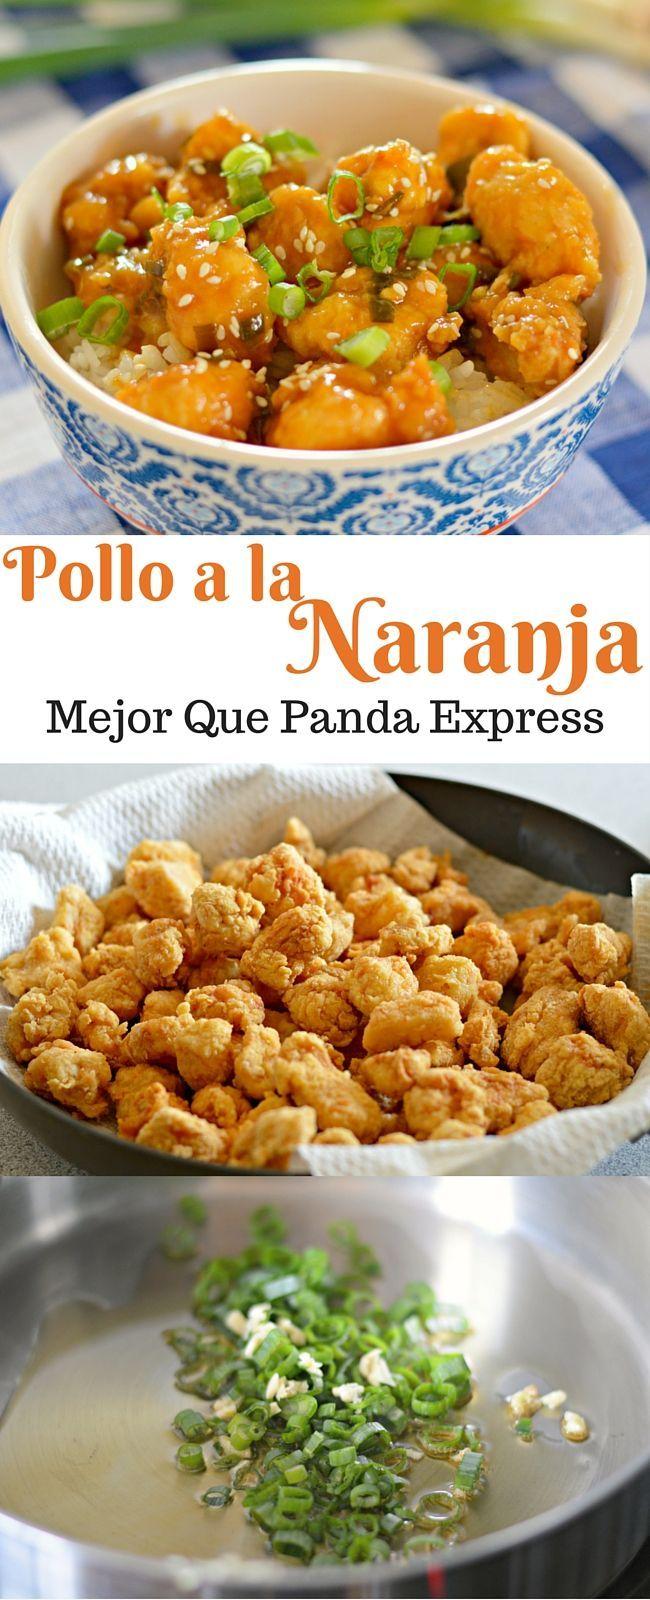 ^^ Si te gusta comida china, entonces te encantara este pollo a la naranja que tiene mejor sabor que el de Panda Express!